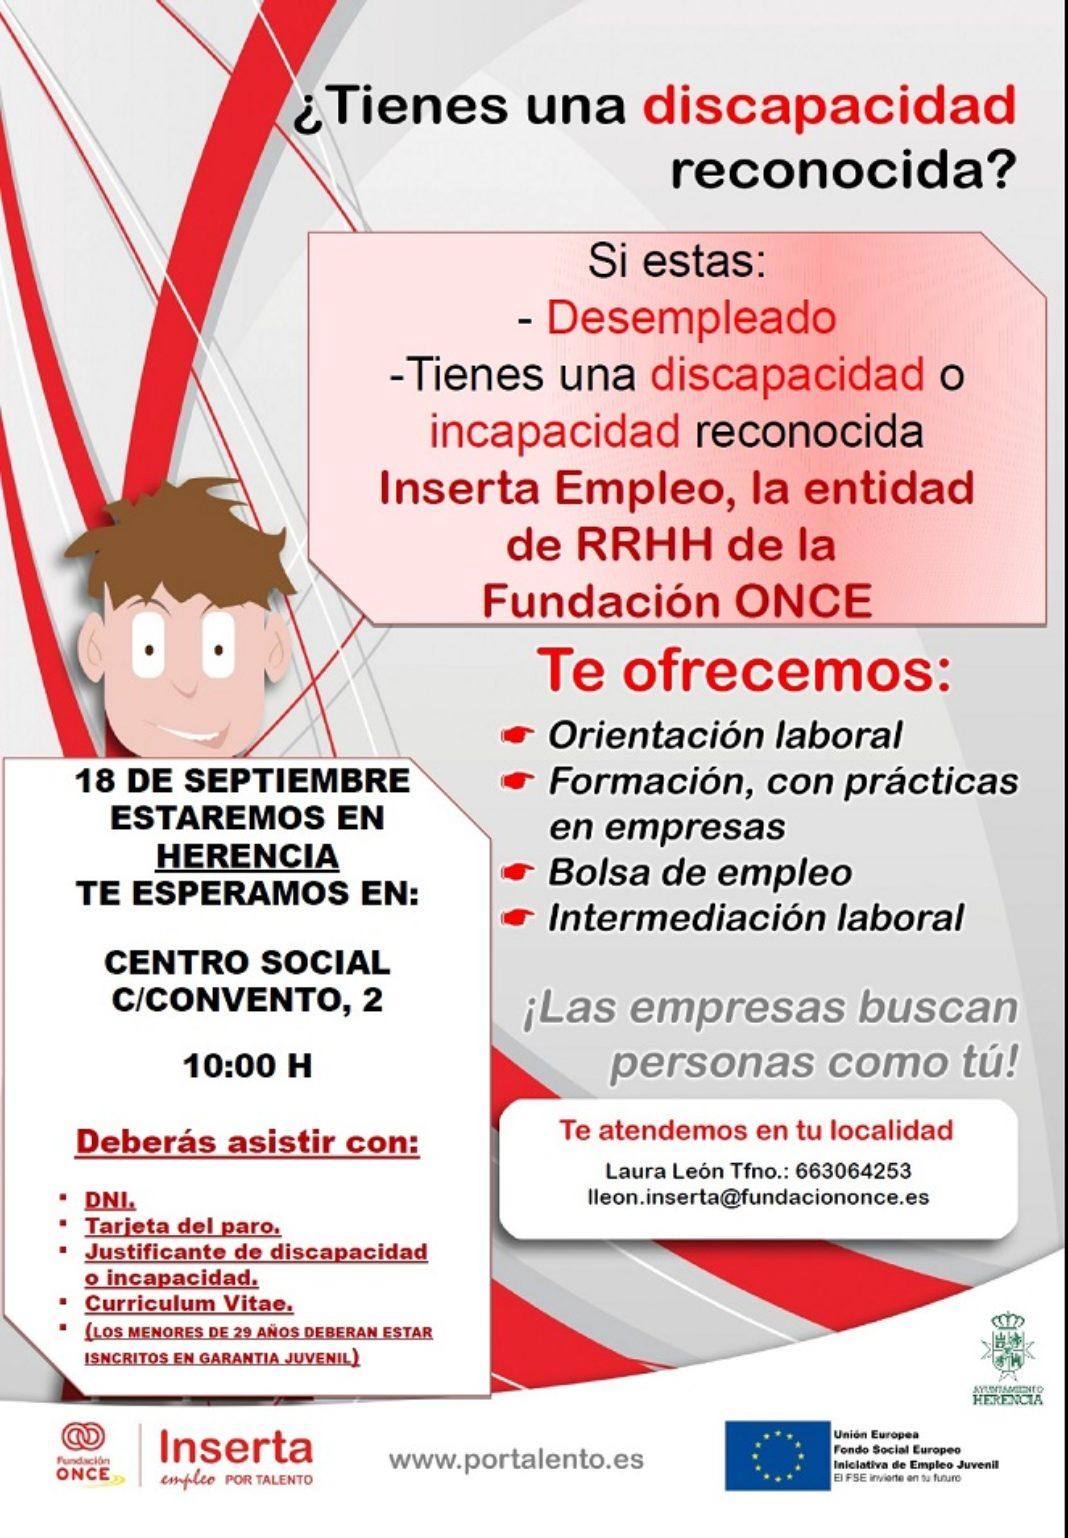 Sesión informativa de empleo 1068x1538 - Sesión informativa de empleo y formación para personas con discapacidad o incapacidad reconocida